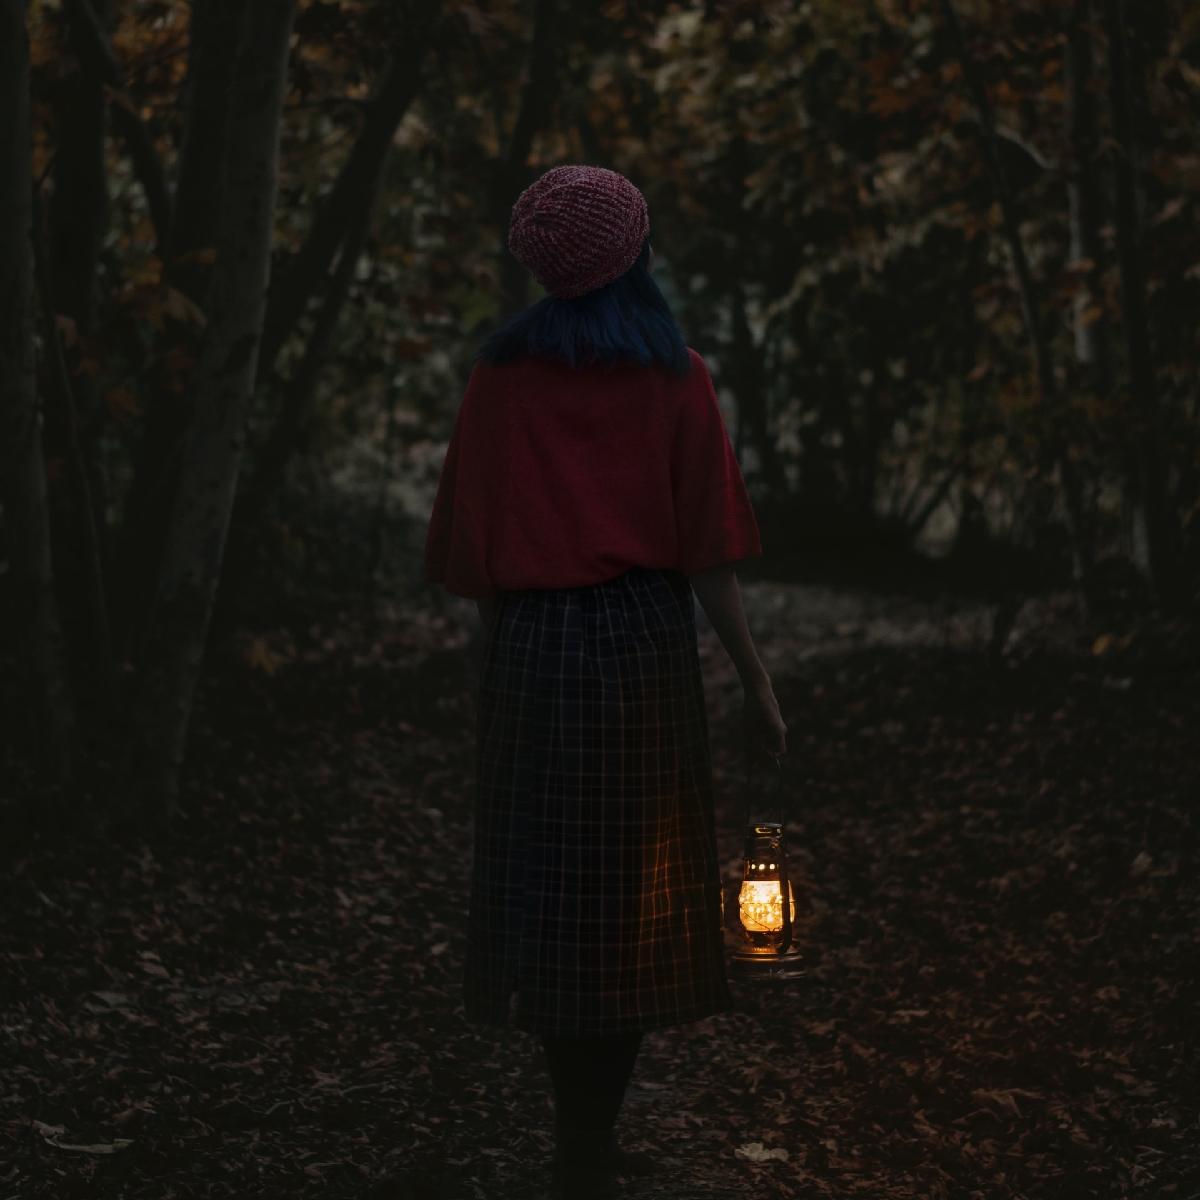 نگارخانه متننگار  علی کریمی   غمگین  دخترونه  تنهایی